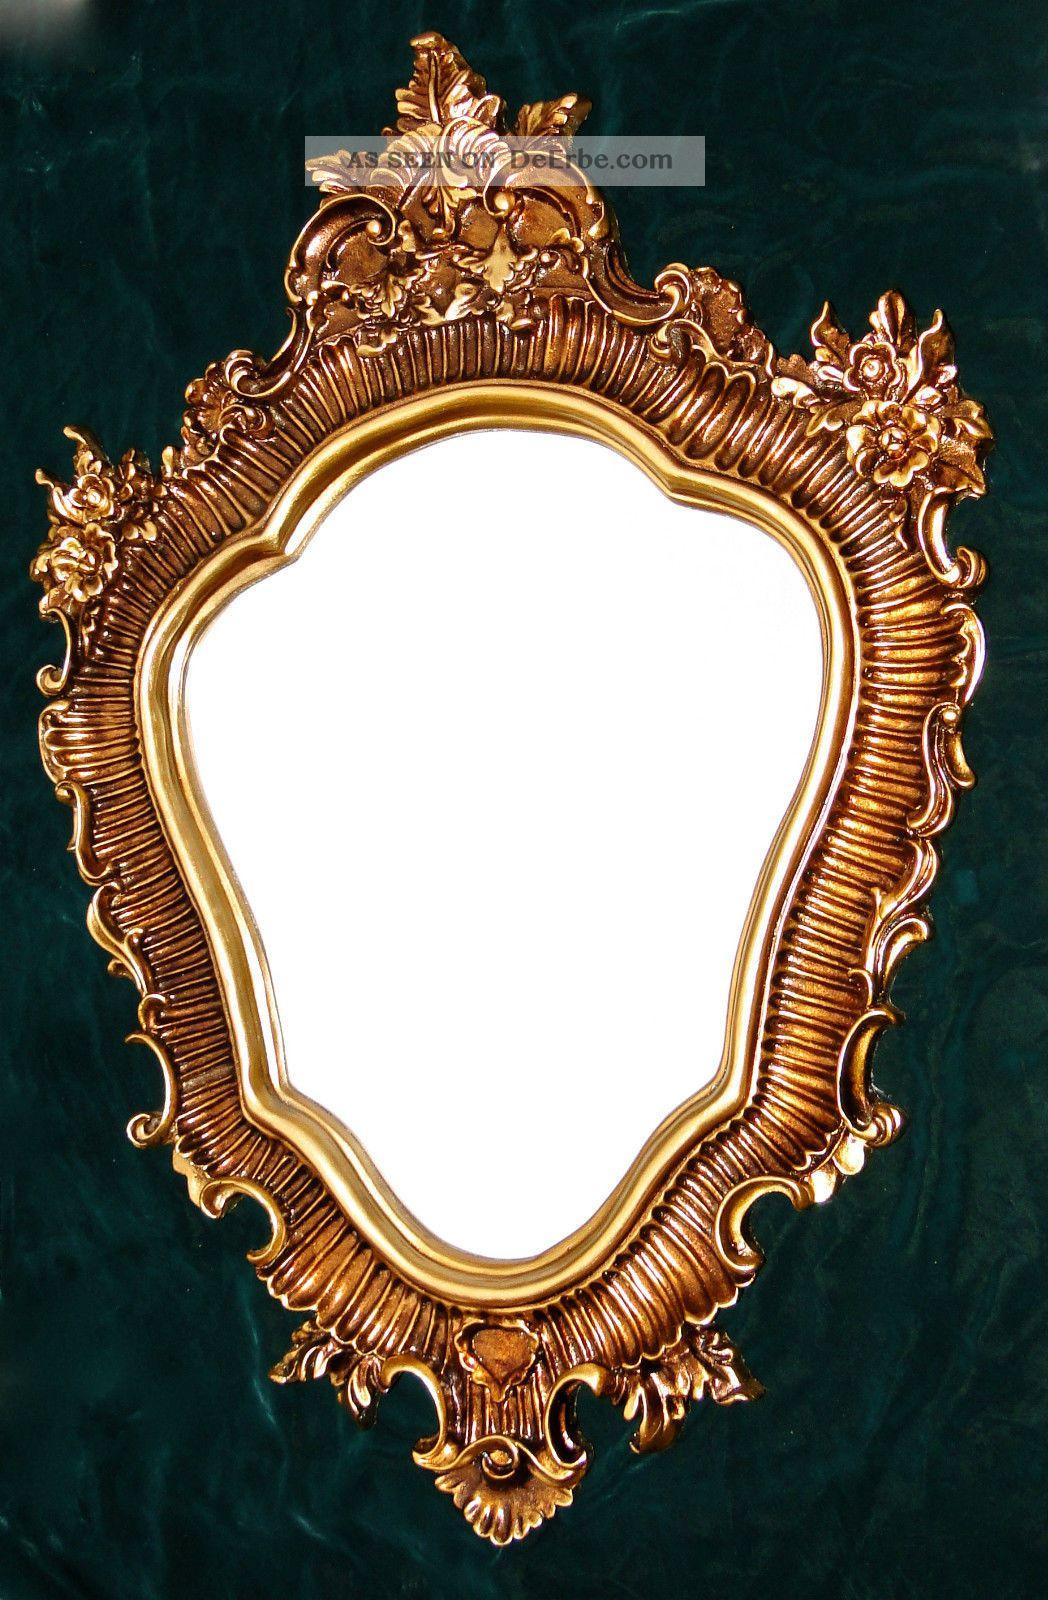 gro er wandspiegel barock oval 103x73cm badspiegel antik spiegel gold. Black Bedroom Furniture Sets. Home Design Ideas